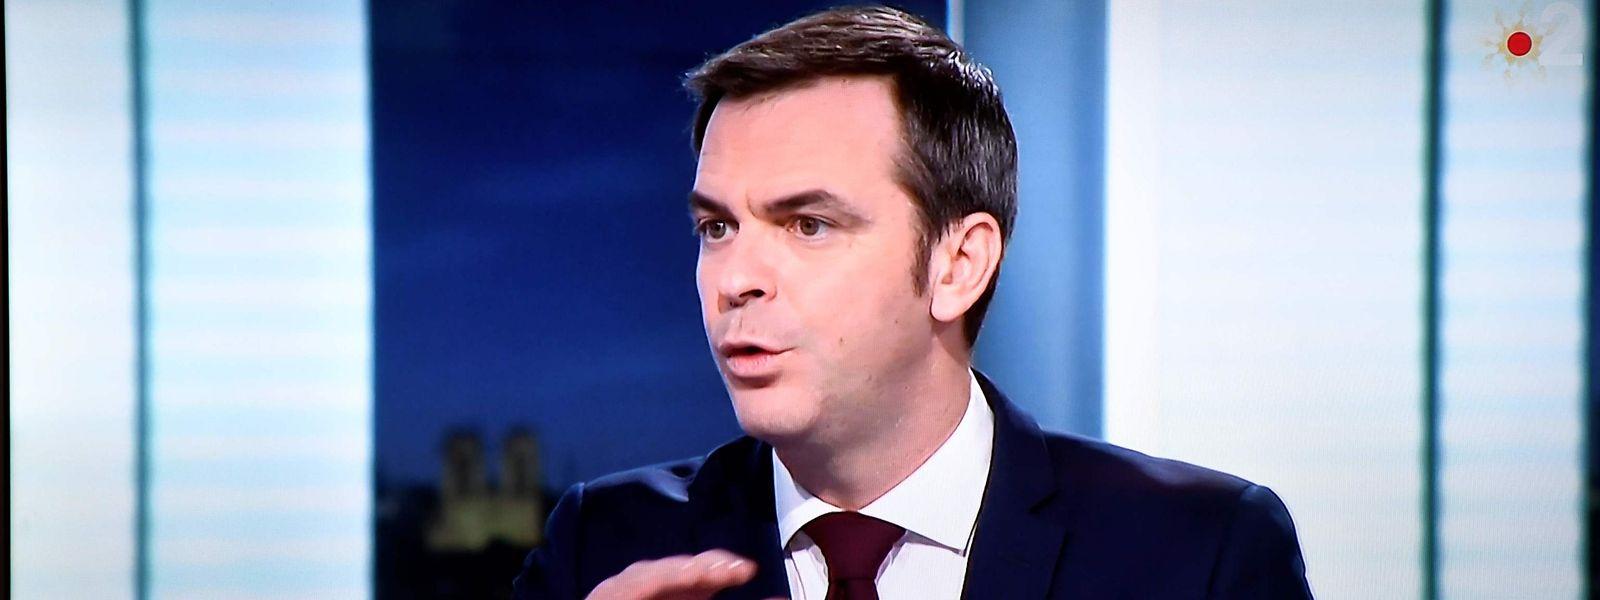 Le ministre de la Santé français, Olivier Véran, a élargi le champ des personnes prioritaires pour recevoir les premiers vaccins.